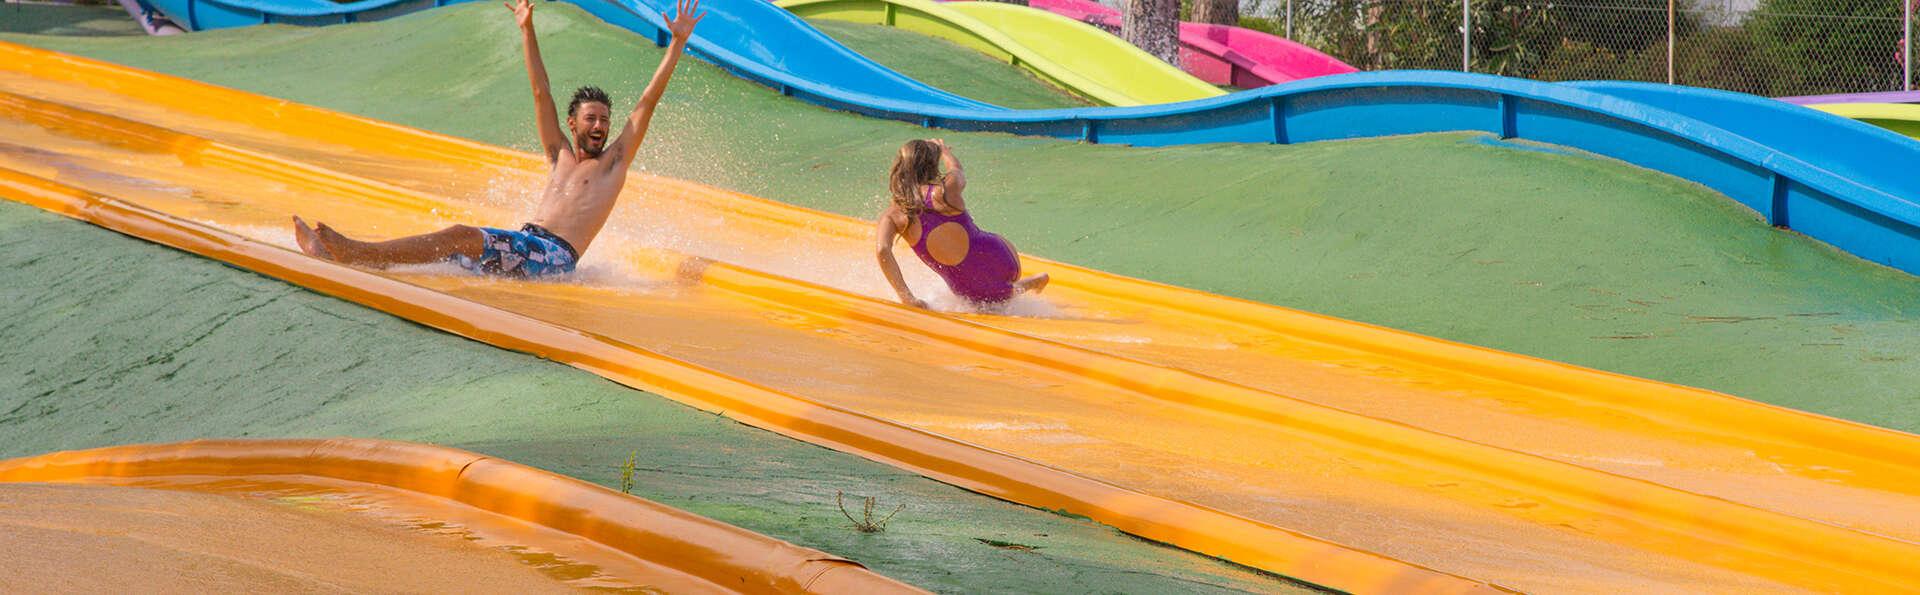 ¡Diversión asegurada con entradas al parque acuático Isla Fantasía!